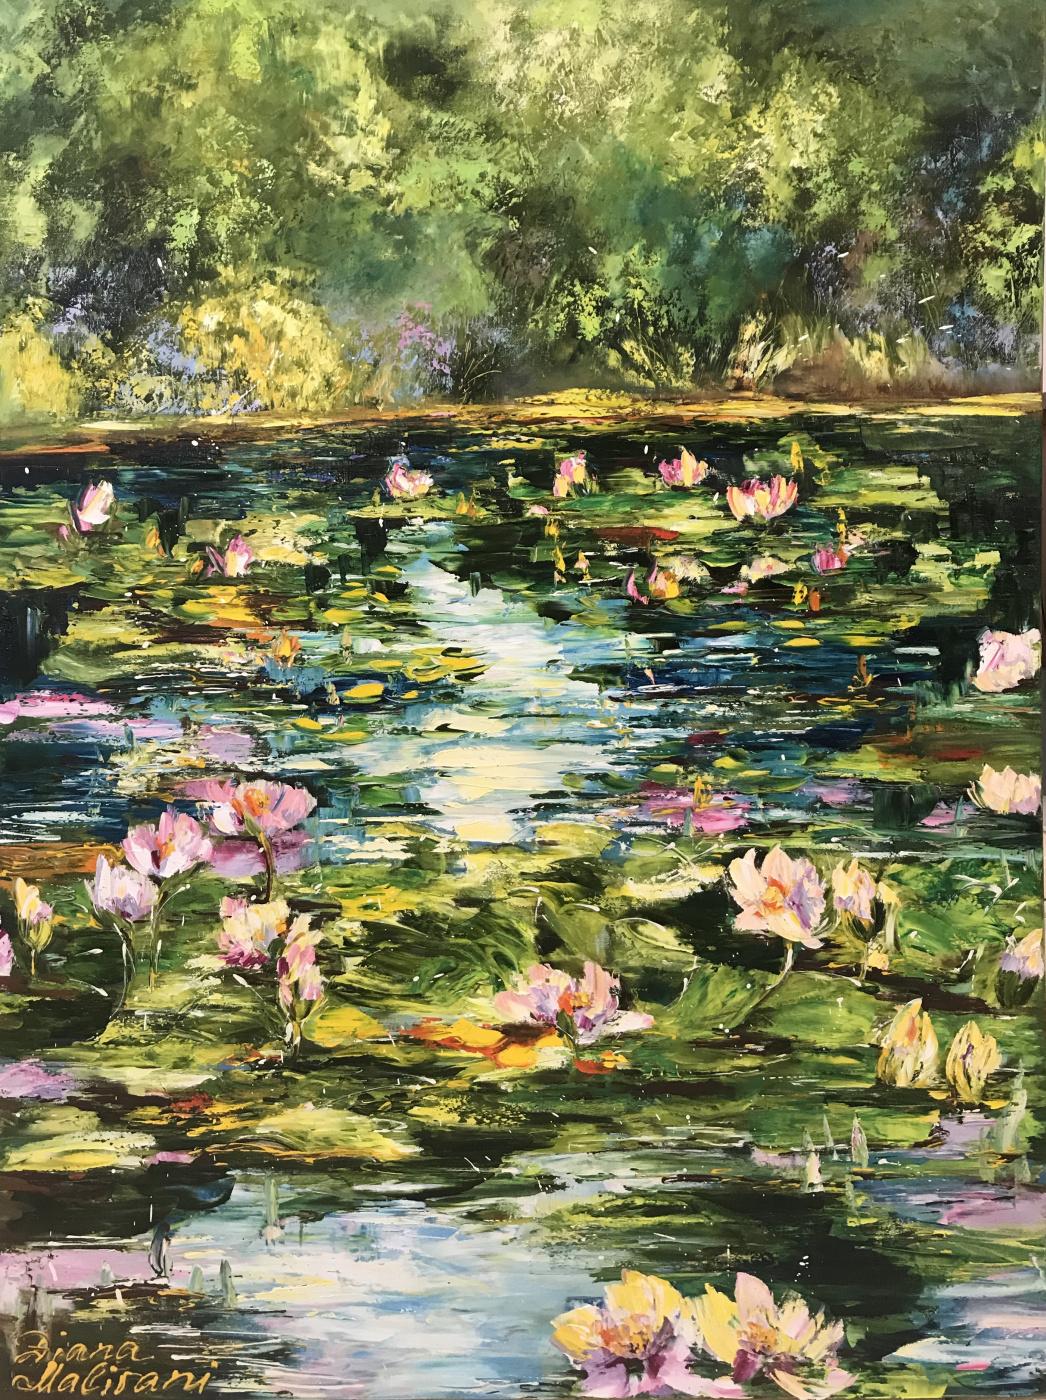 Диана Владимировна Маливани. Pond with Water Liles